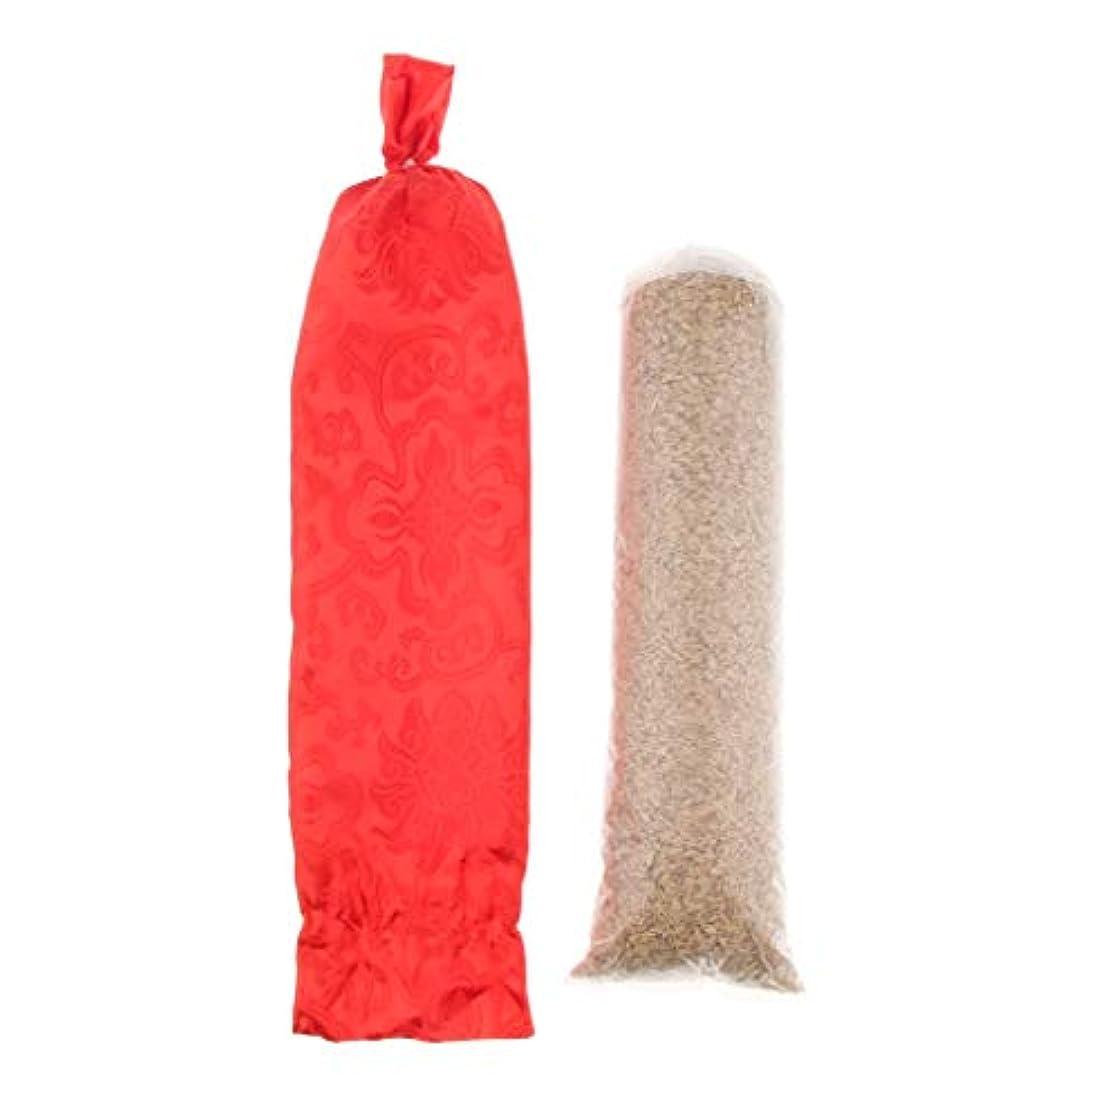 ガチョウ癌罪ラウンド 頚部枕 ロール枕 洗濯可能なカバー サポートピロー